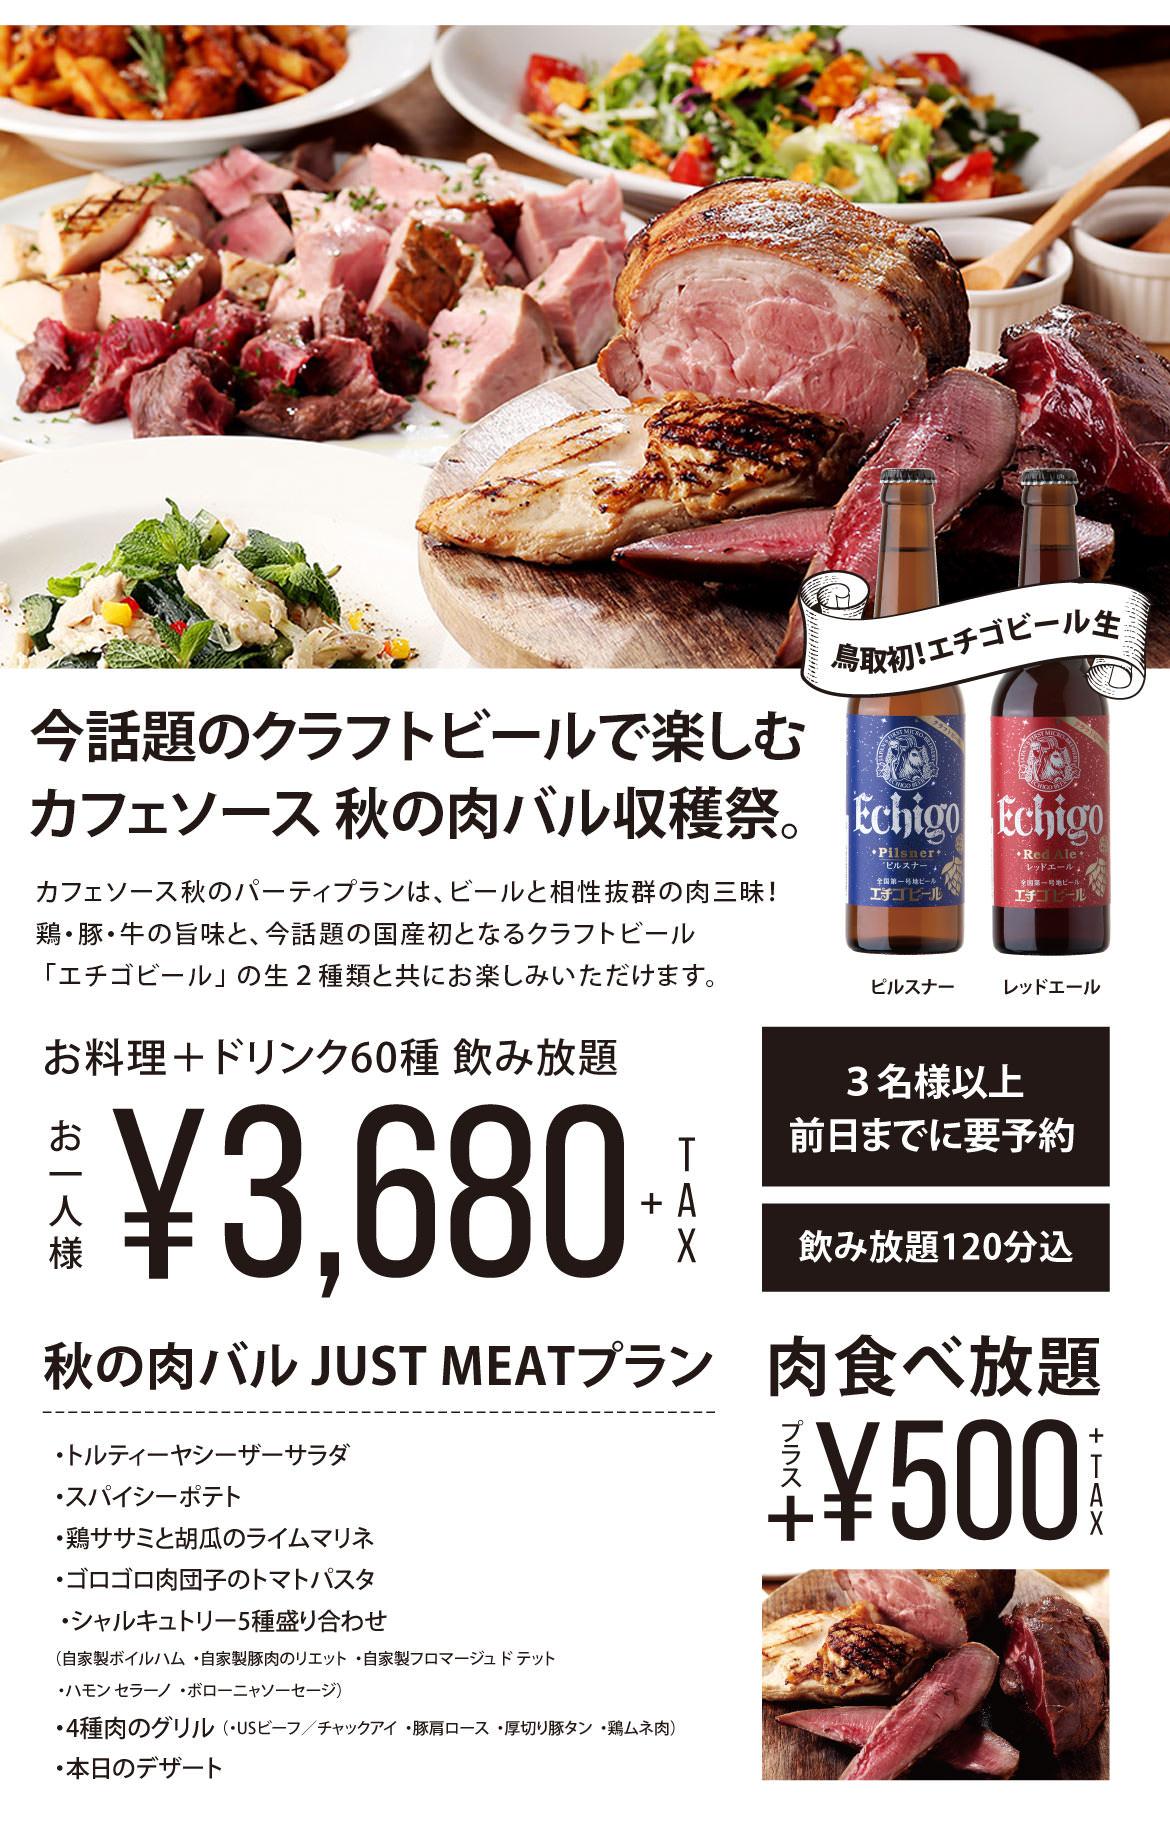 2016カフェソース秋の肉バル JUST MEAT プラン詳細